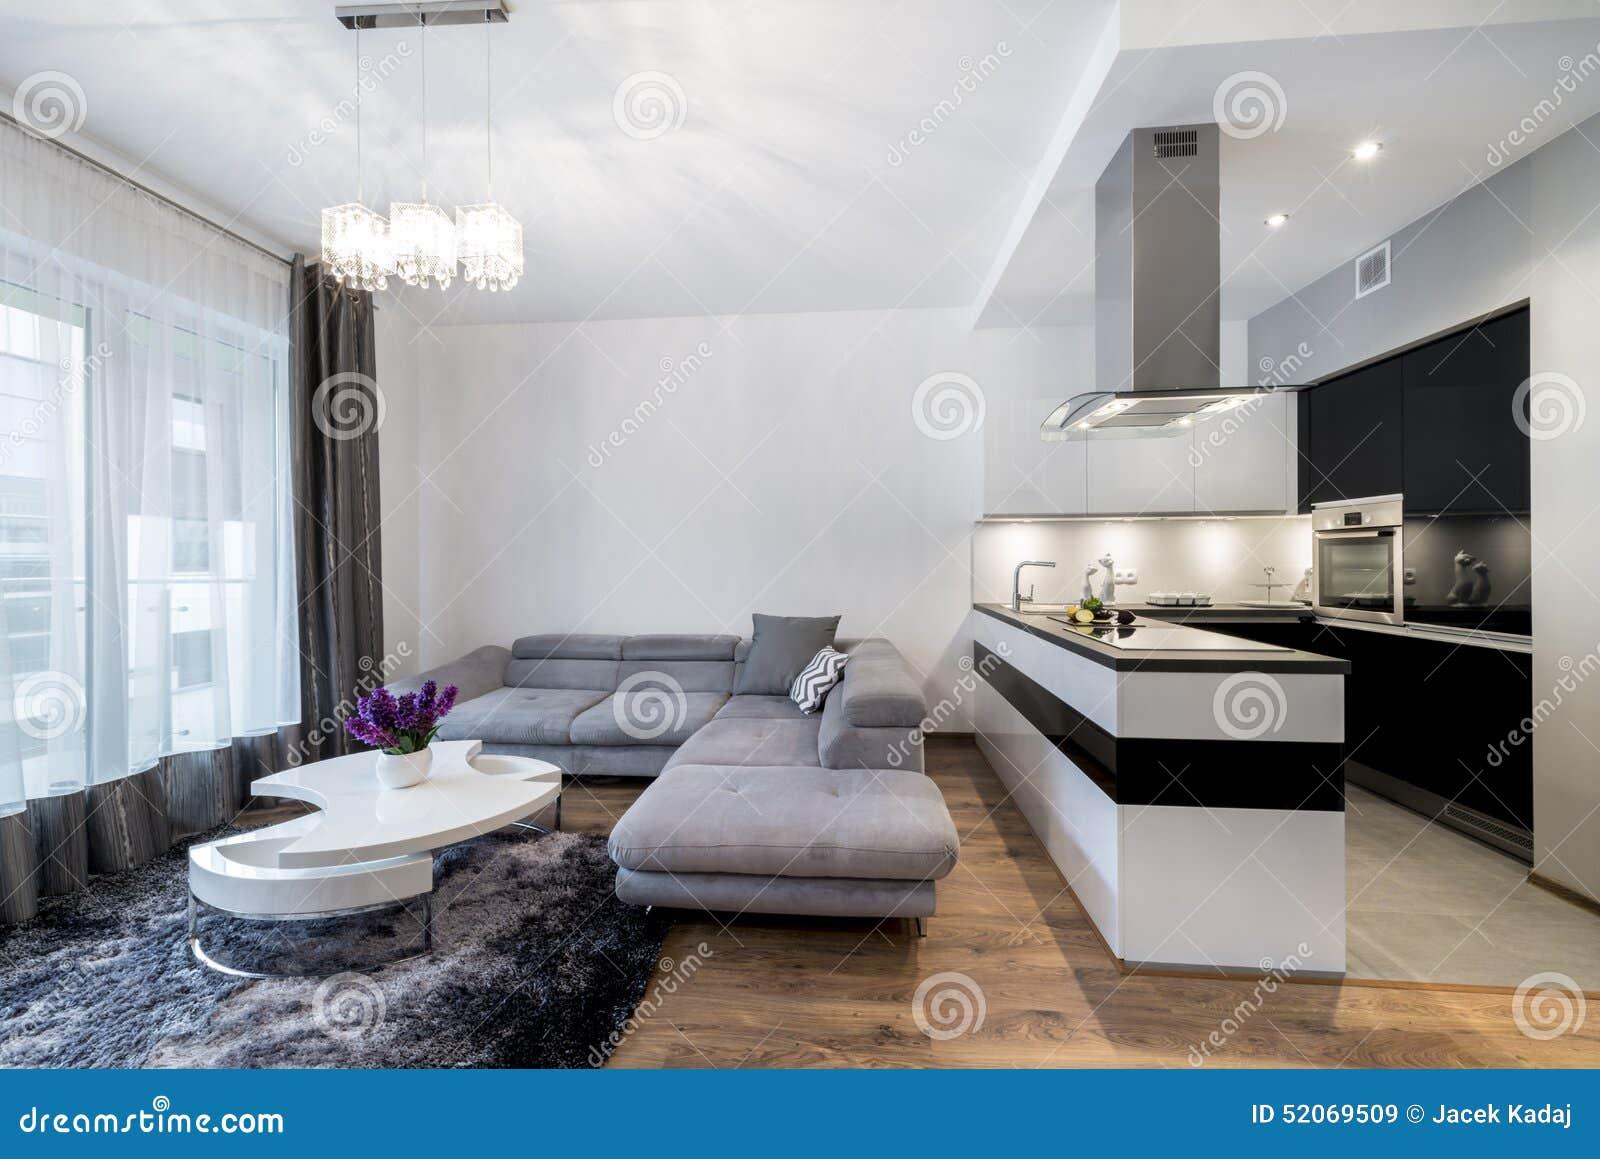 Cocina y sala de estar en hogar de lujo foto de archivo for Sala de estar y cocina